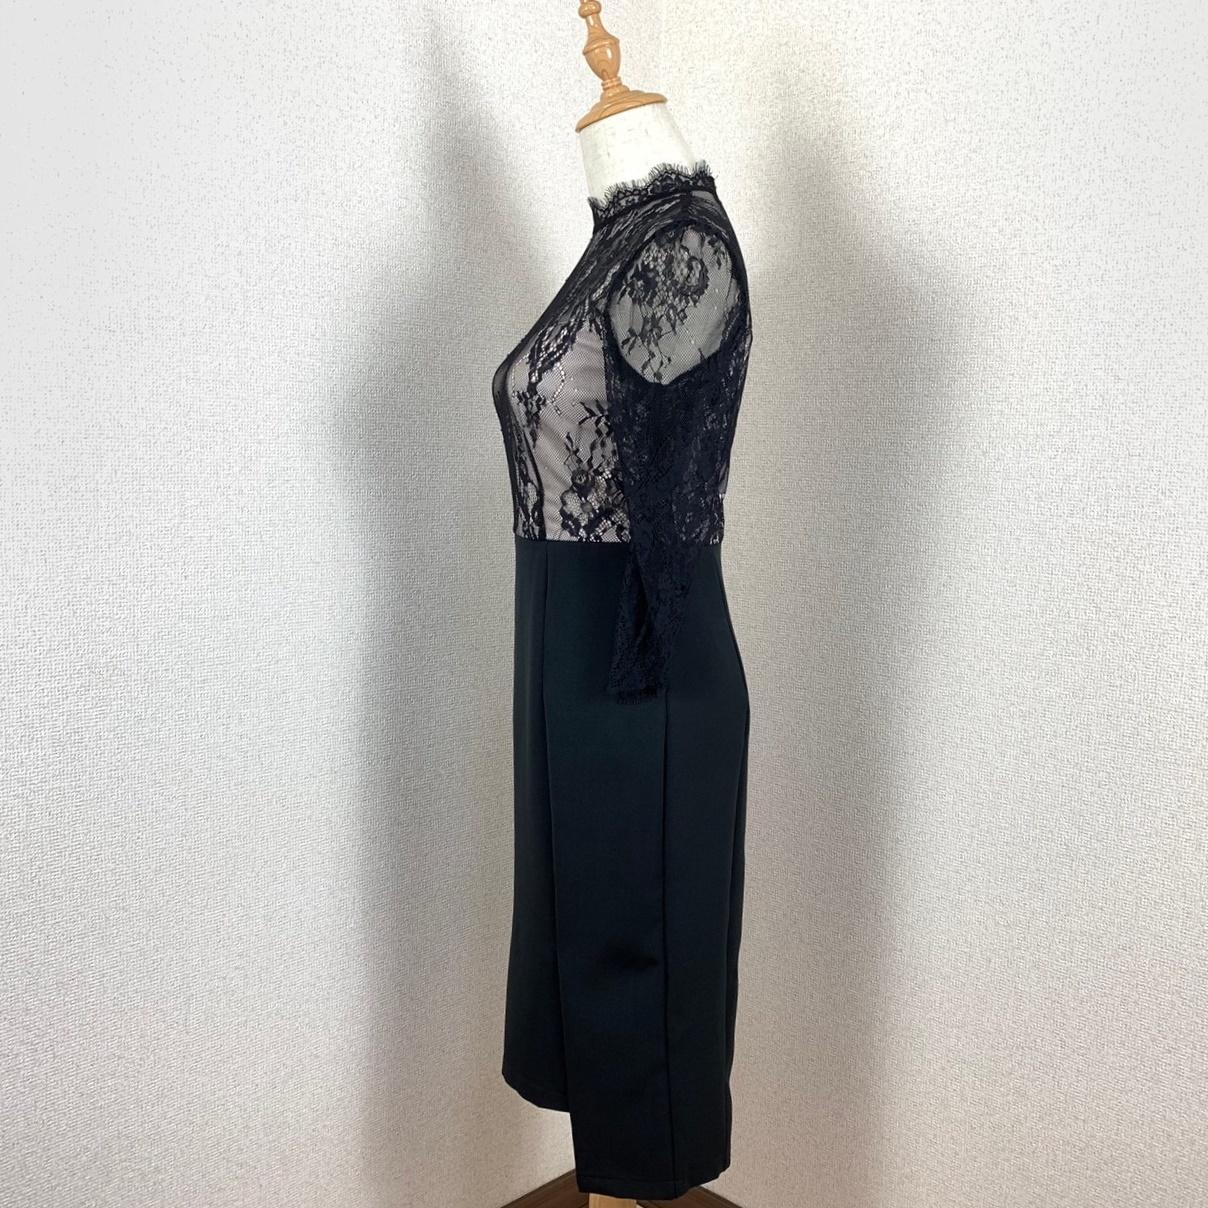 【即納】韓国 ファッション ワンピース パーティードレス ひざ丈 ミディアム 夏 春 パーティー ブライダル SPTXF591 結婚式 お呼ばれ シースルー スカラップ イレ 二次会 セレブ きれいめの写真4枚目